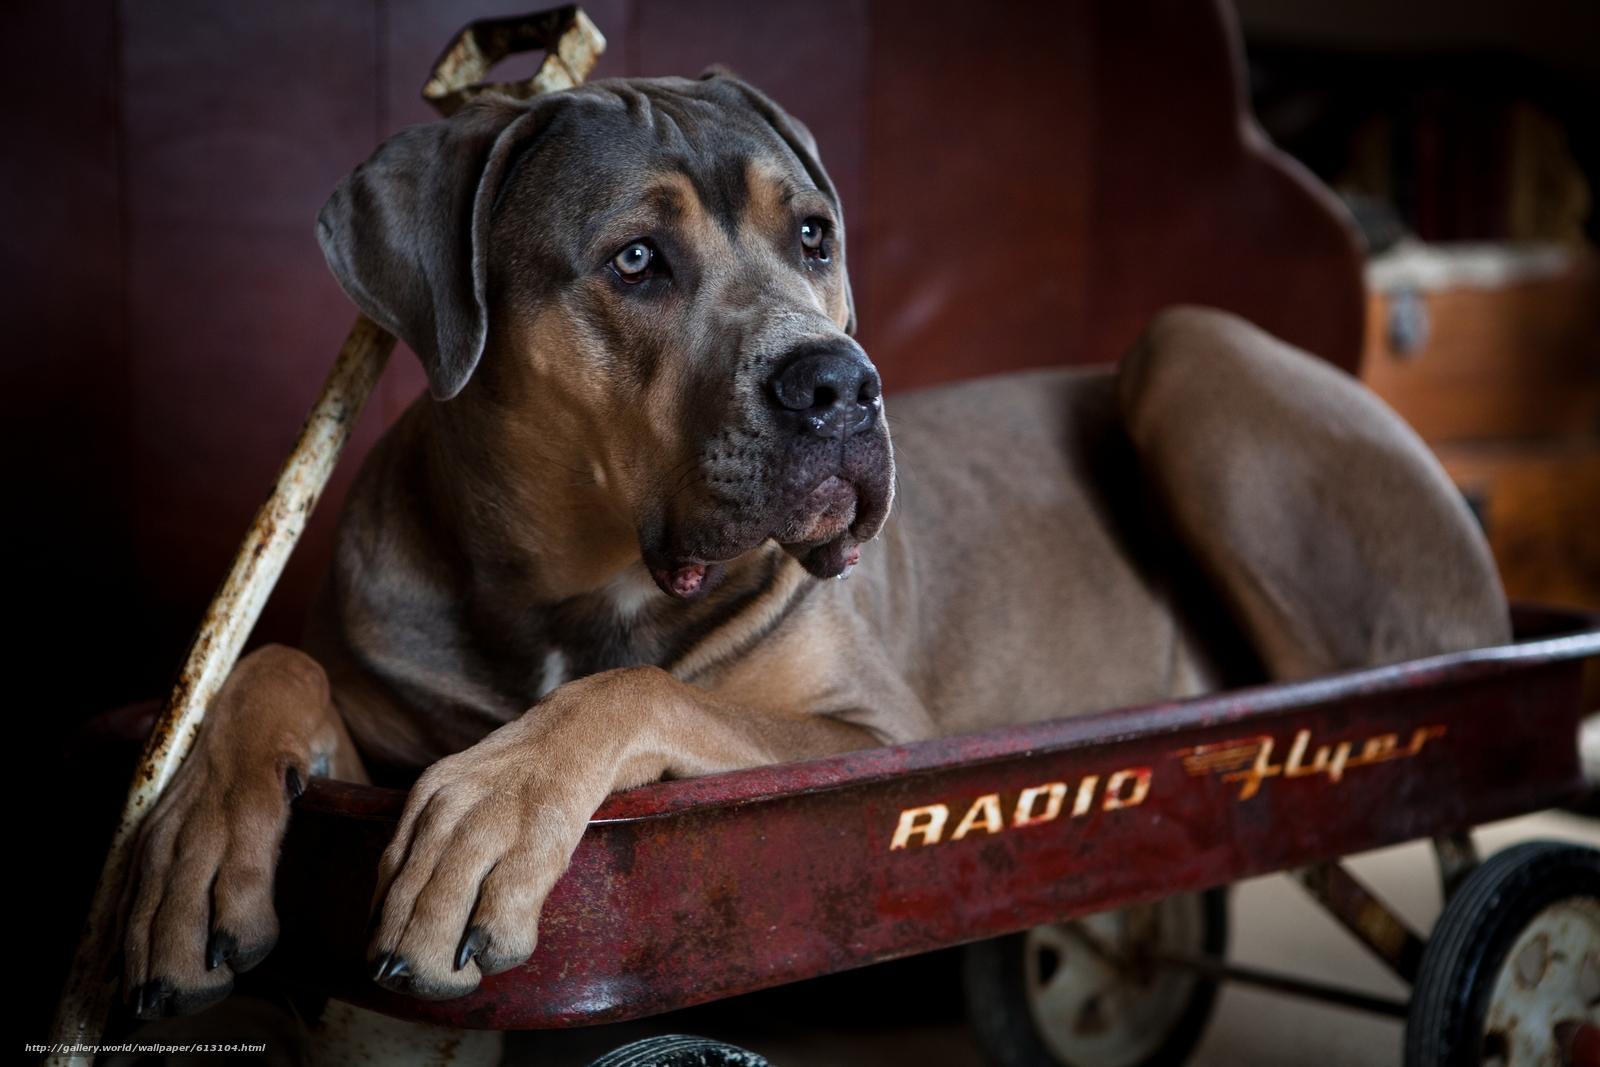 Скачать обои Кане-корсо,  собака,  пёс,  тележка бесплатно для рабочего стола в разрешении 2880x1920 — картинка №613104